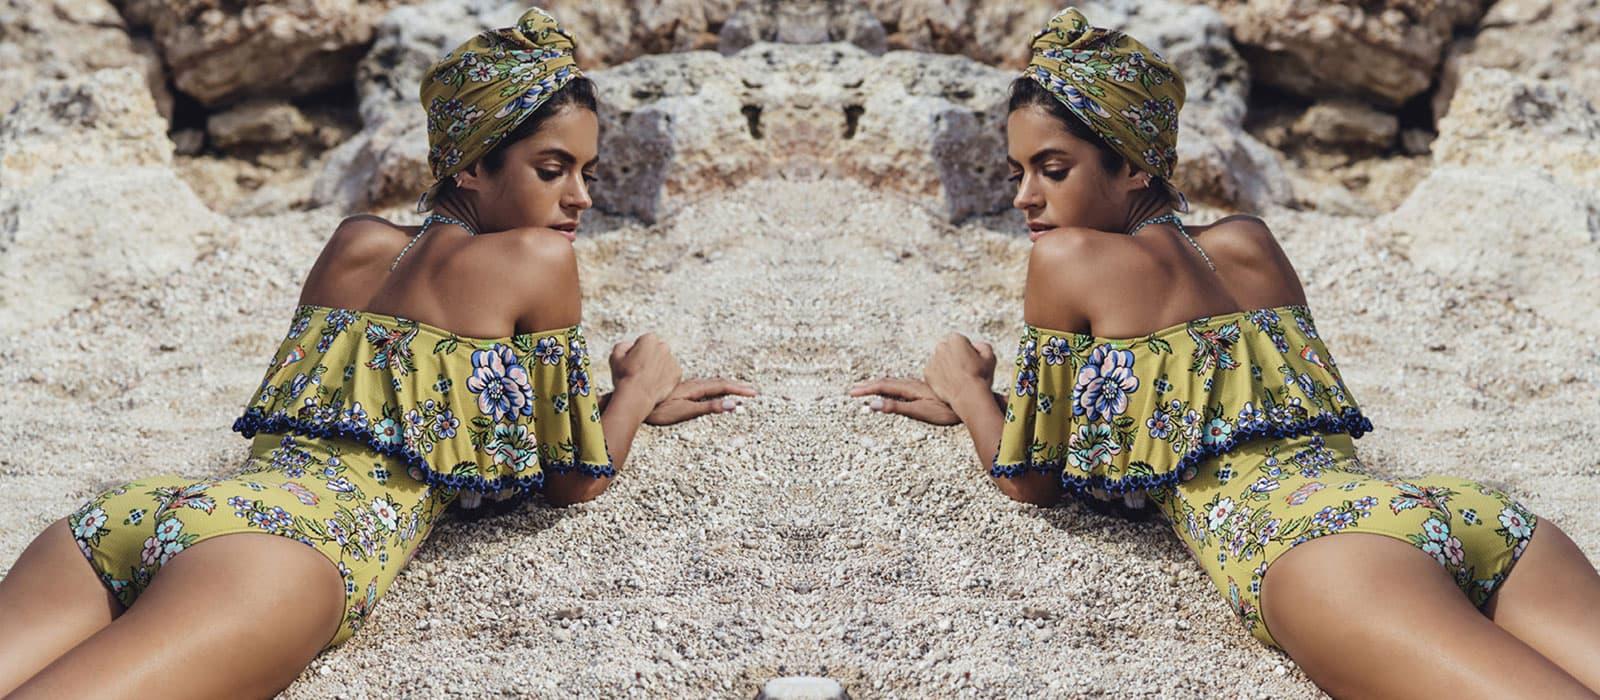 Il meglio del beachwear femminile su Cima Online